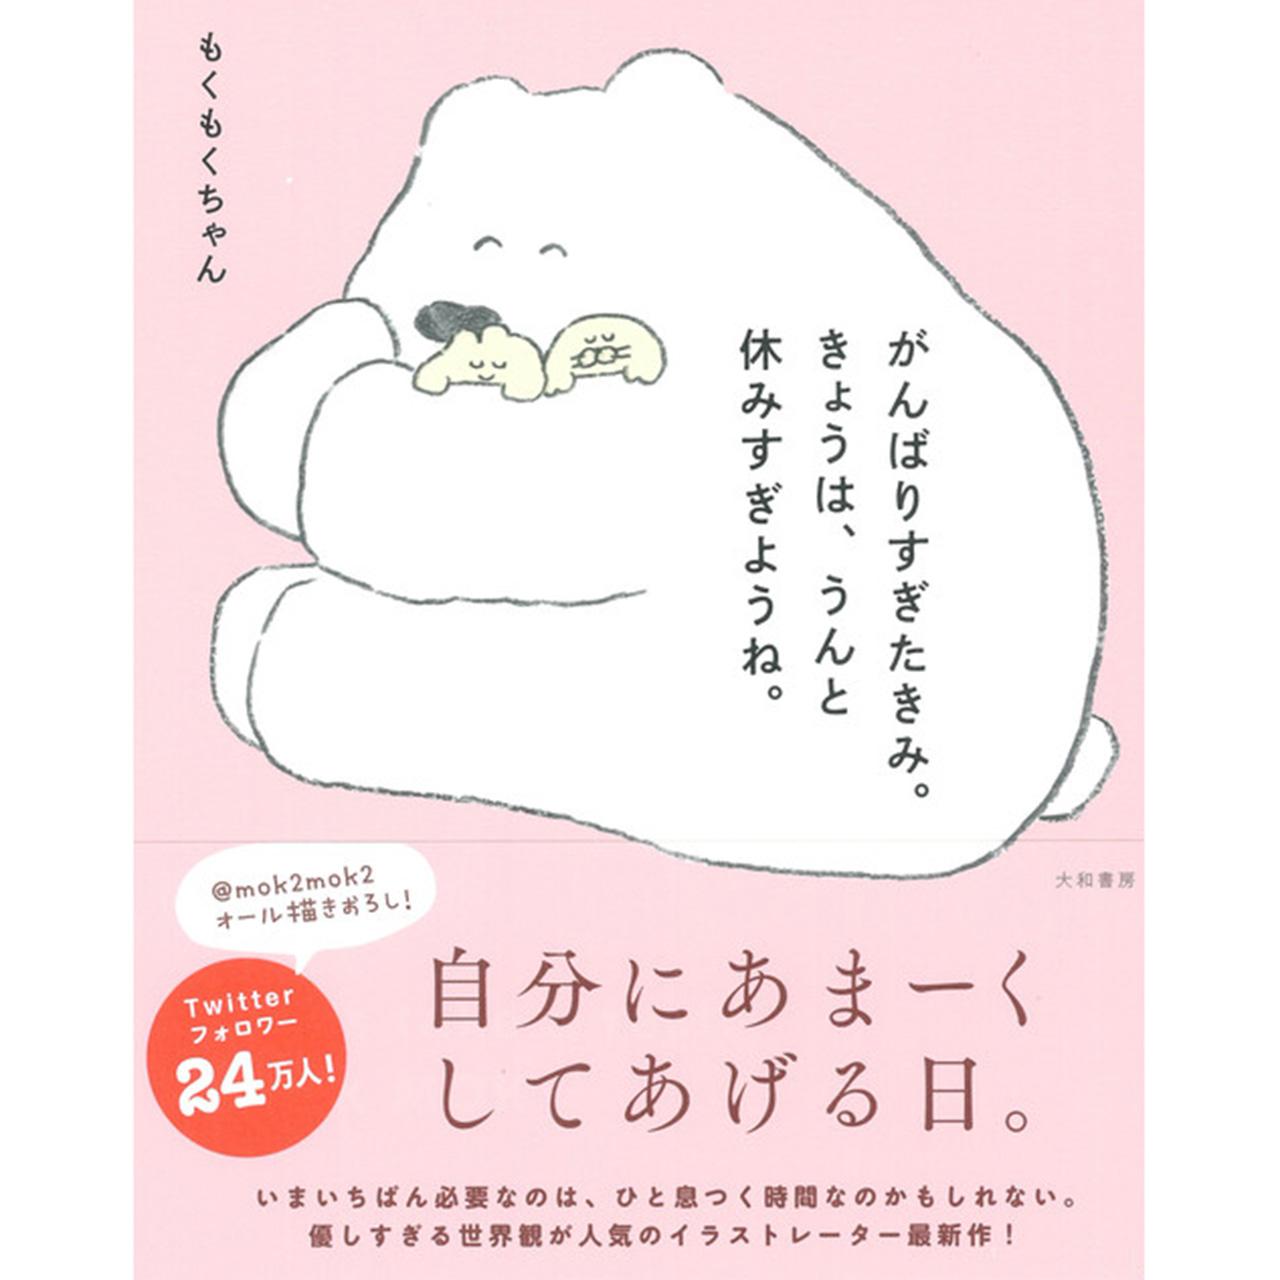 もくもくちゃん新刊、イラストパズル発売中!